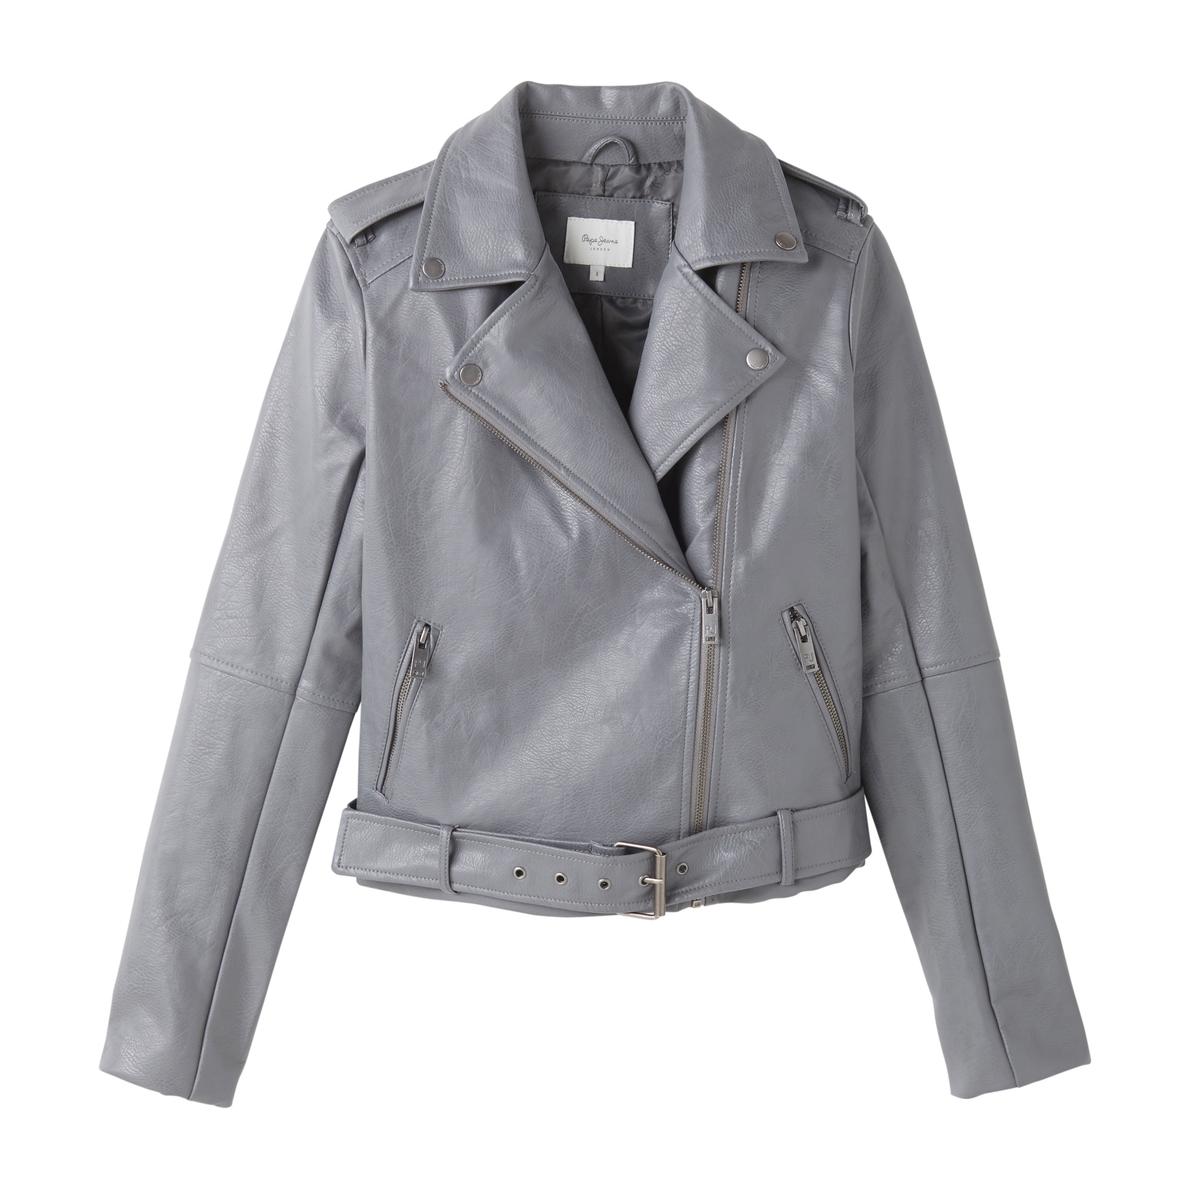 Блузон в байкерском стиле из имитации кожи блузон кожаный в байкерском стиле